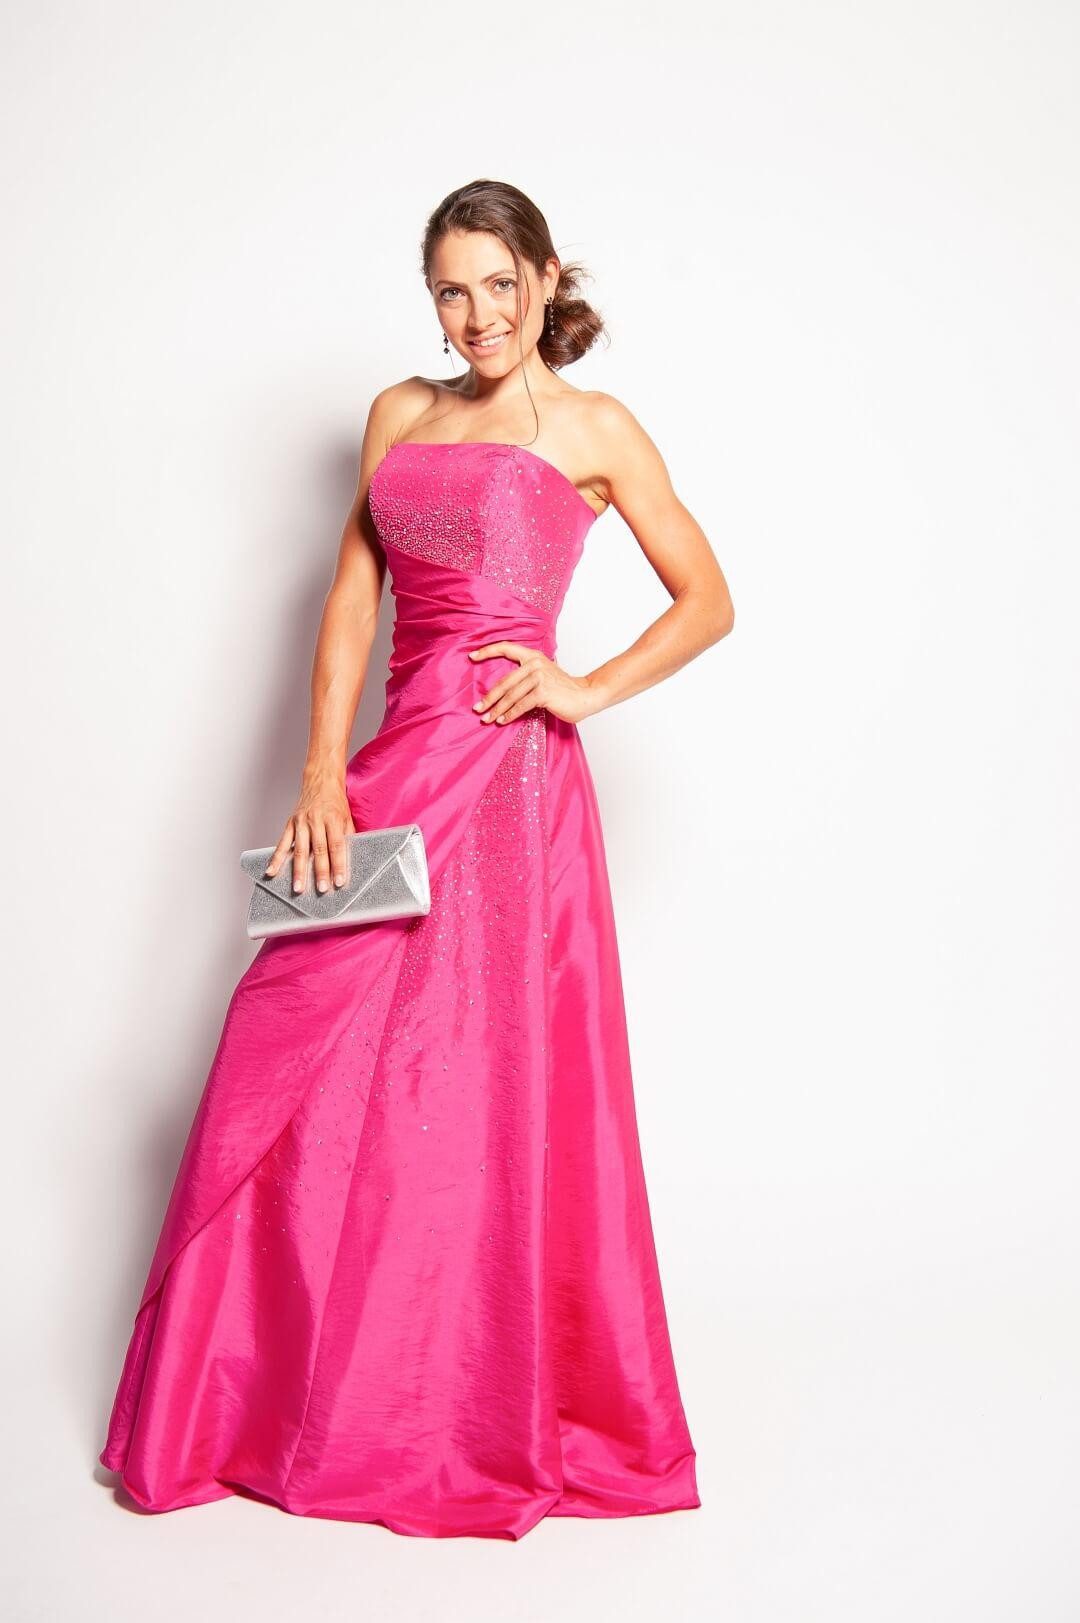 15 Erstaunlich Kleider Abendmode Design Einzigartig Kleider Abendmode Stylish